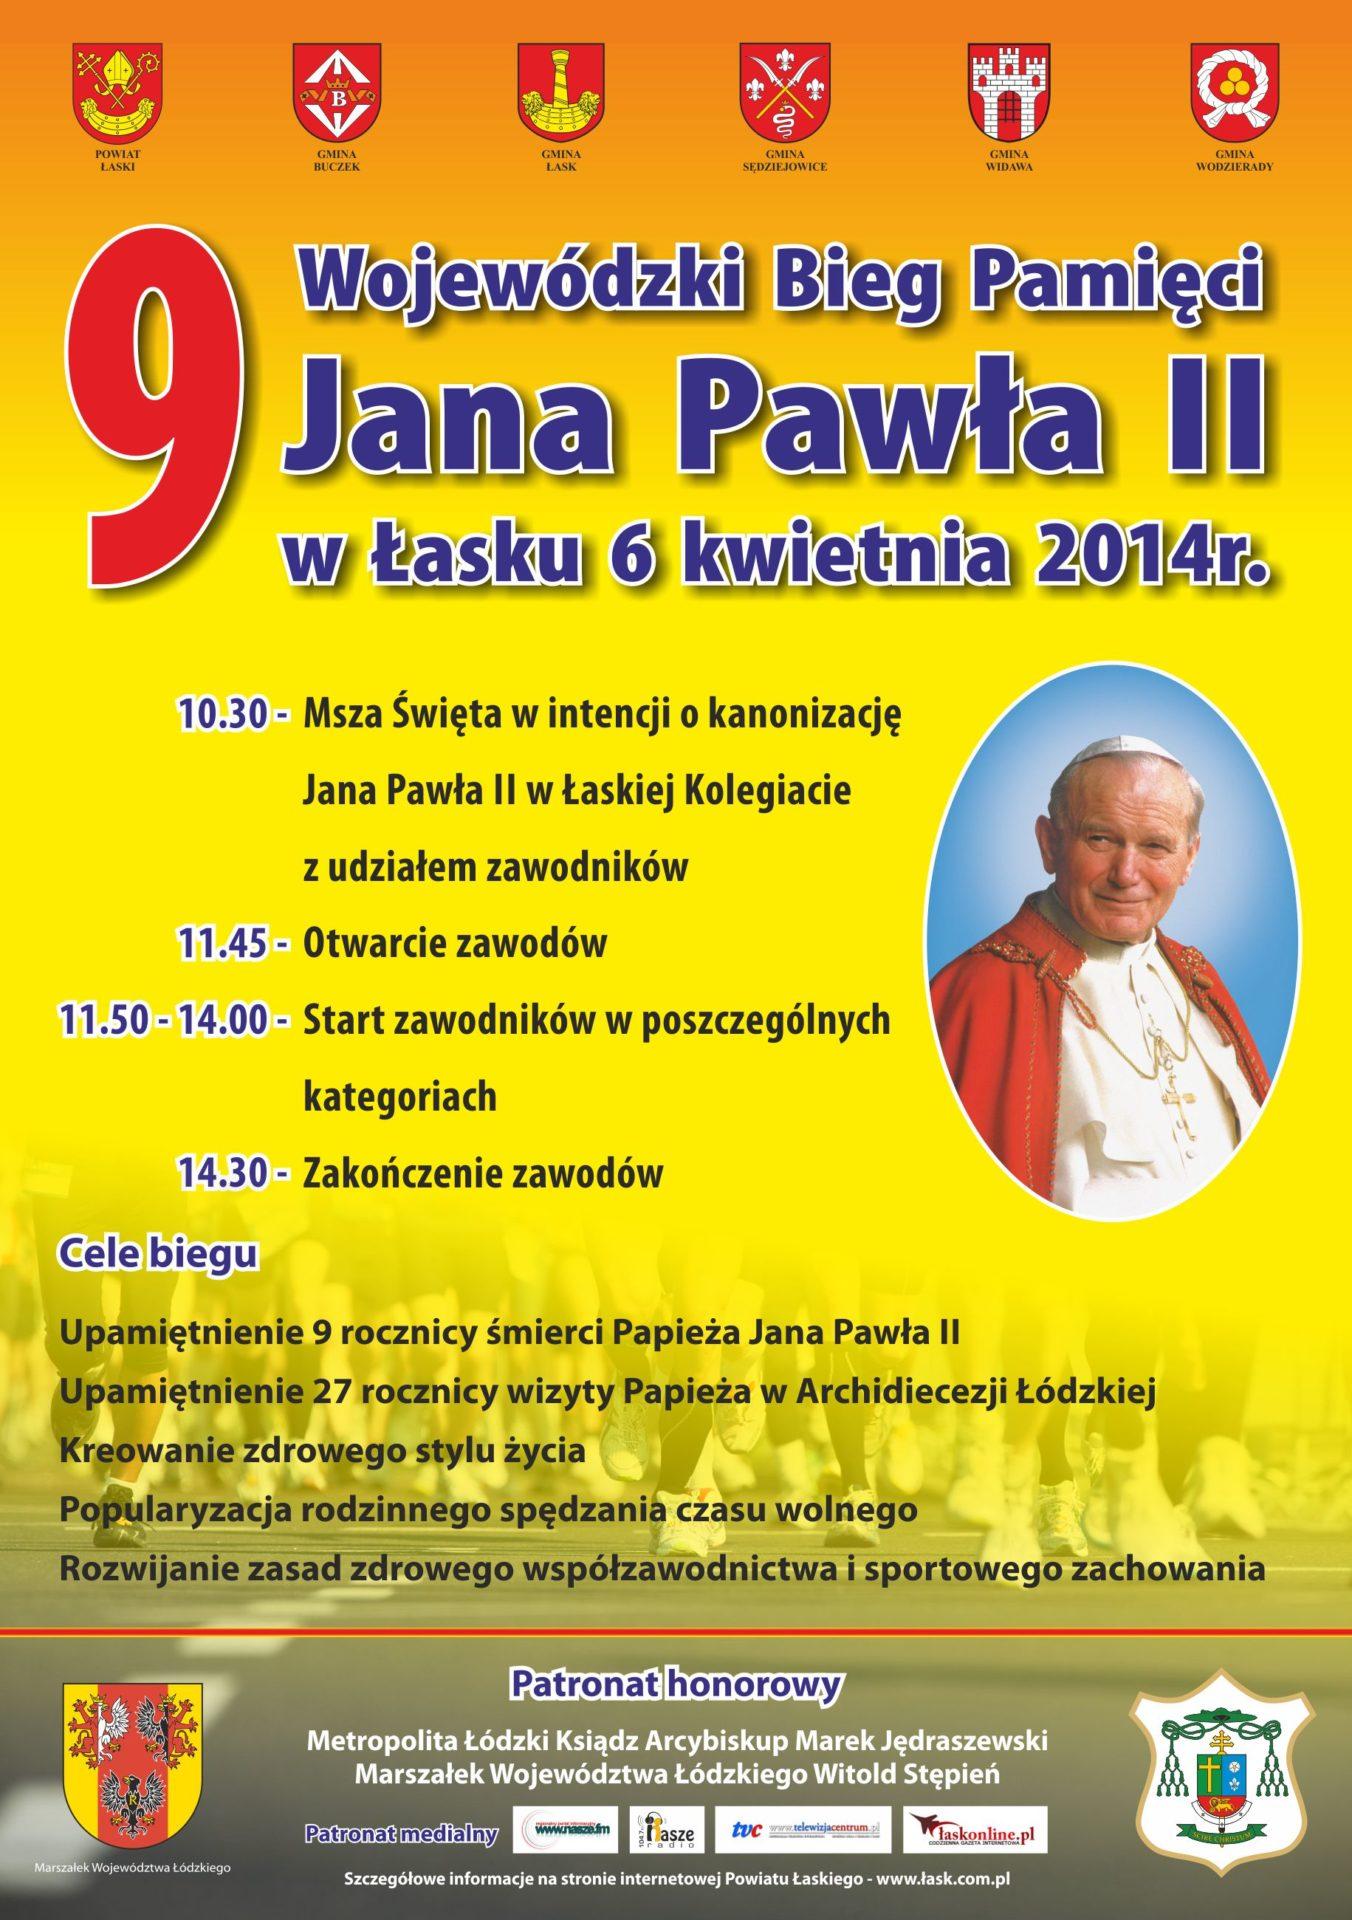 Bieg Pamięci Jana Pawła II: Zgłoszenia do środy!